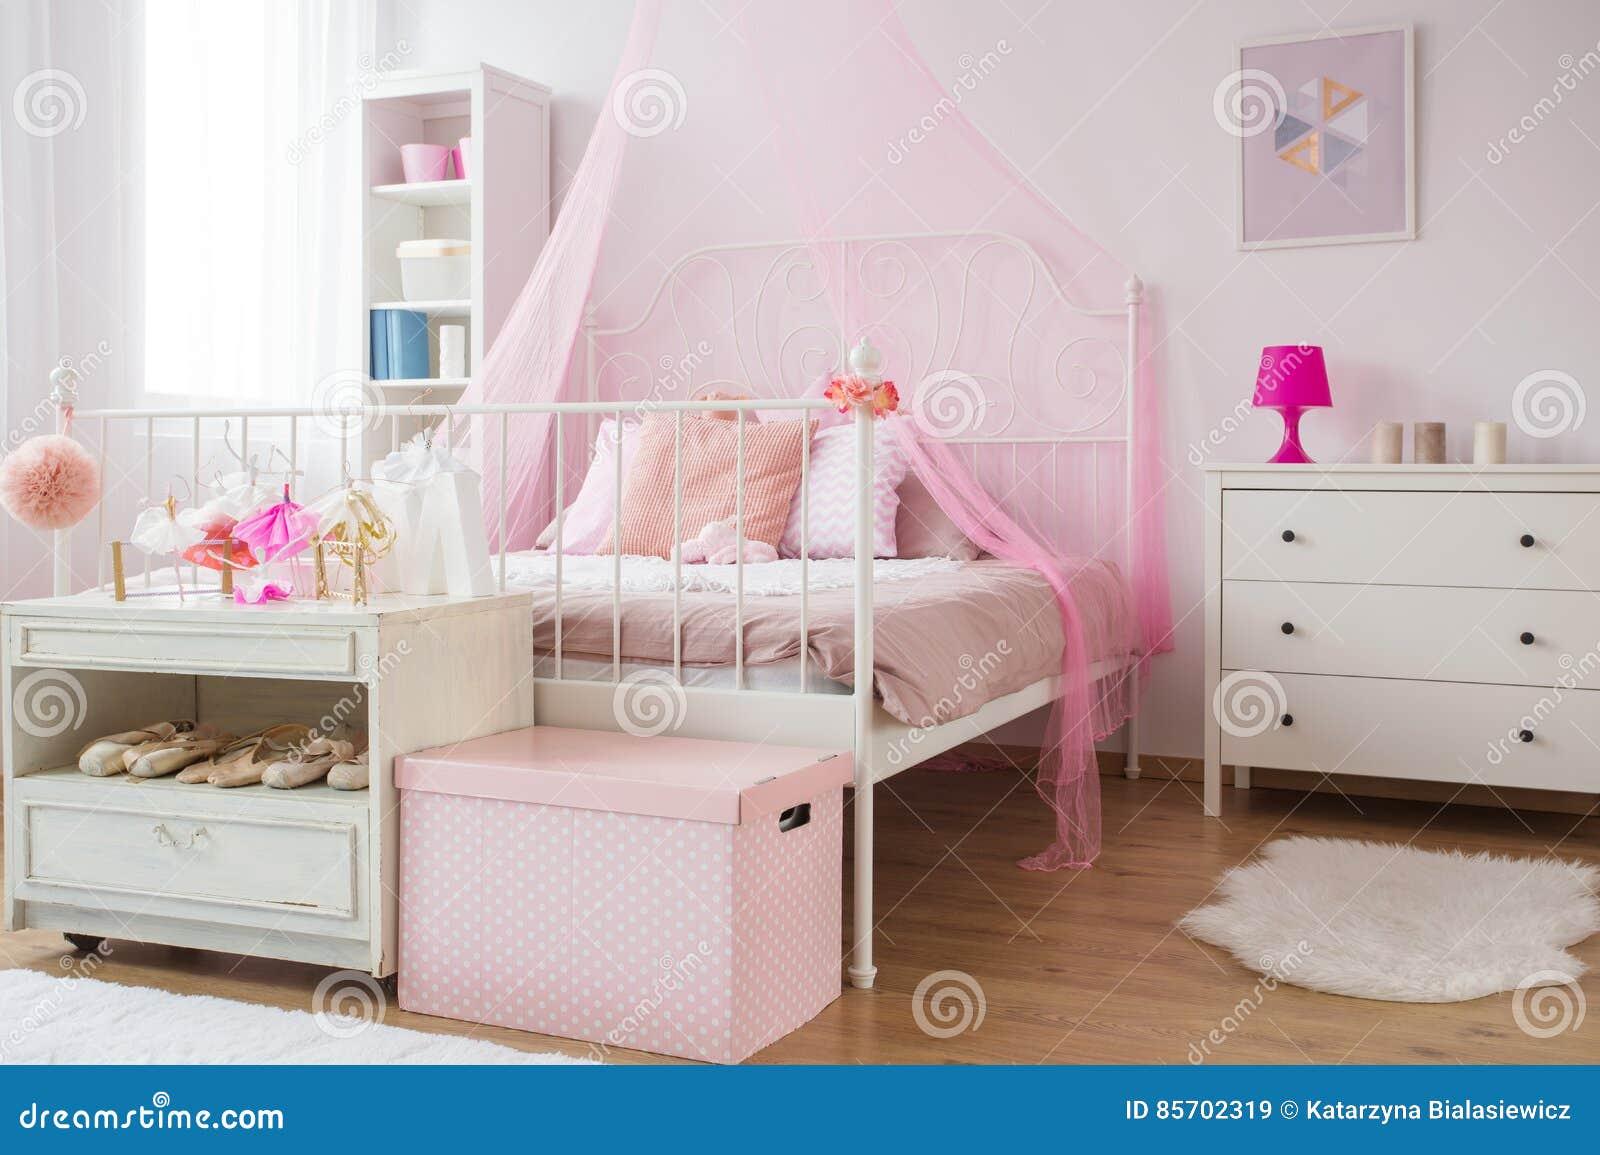 Camera da letto rosa e bianca di principessa immagine - Camera da letto bianca ...